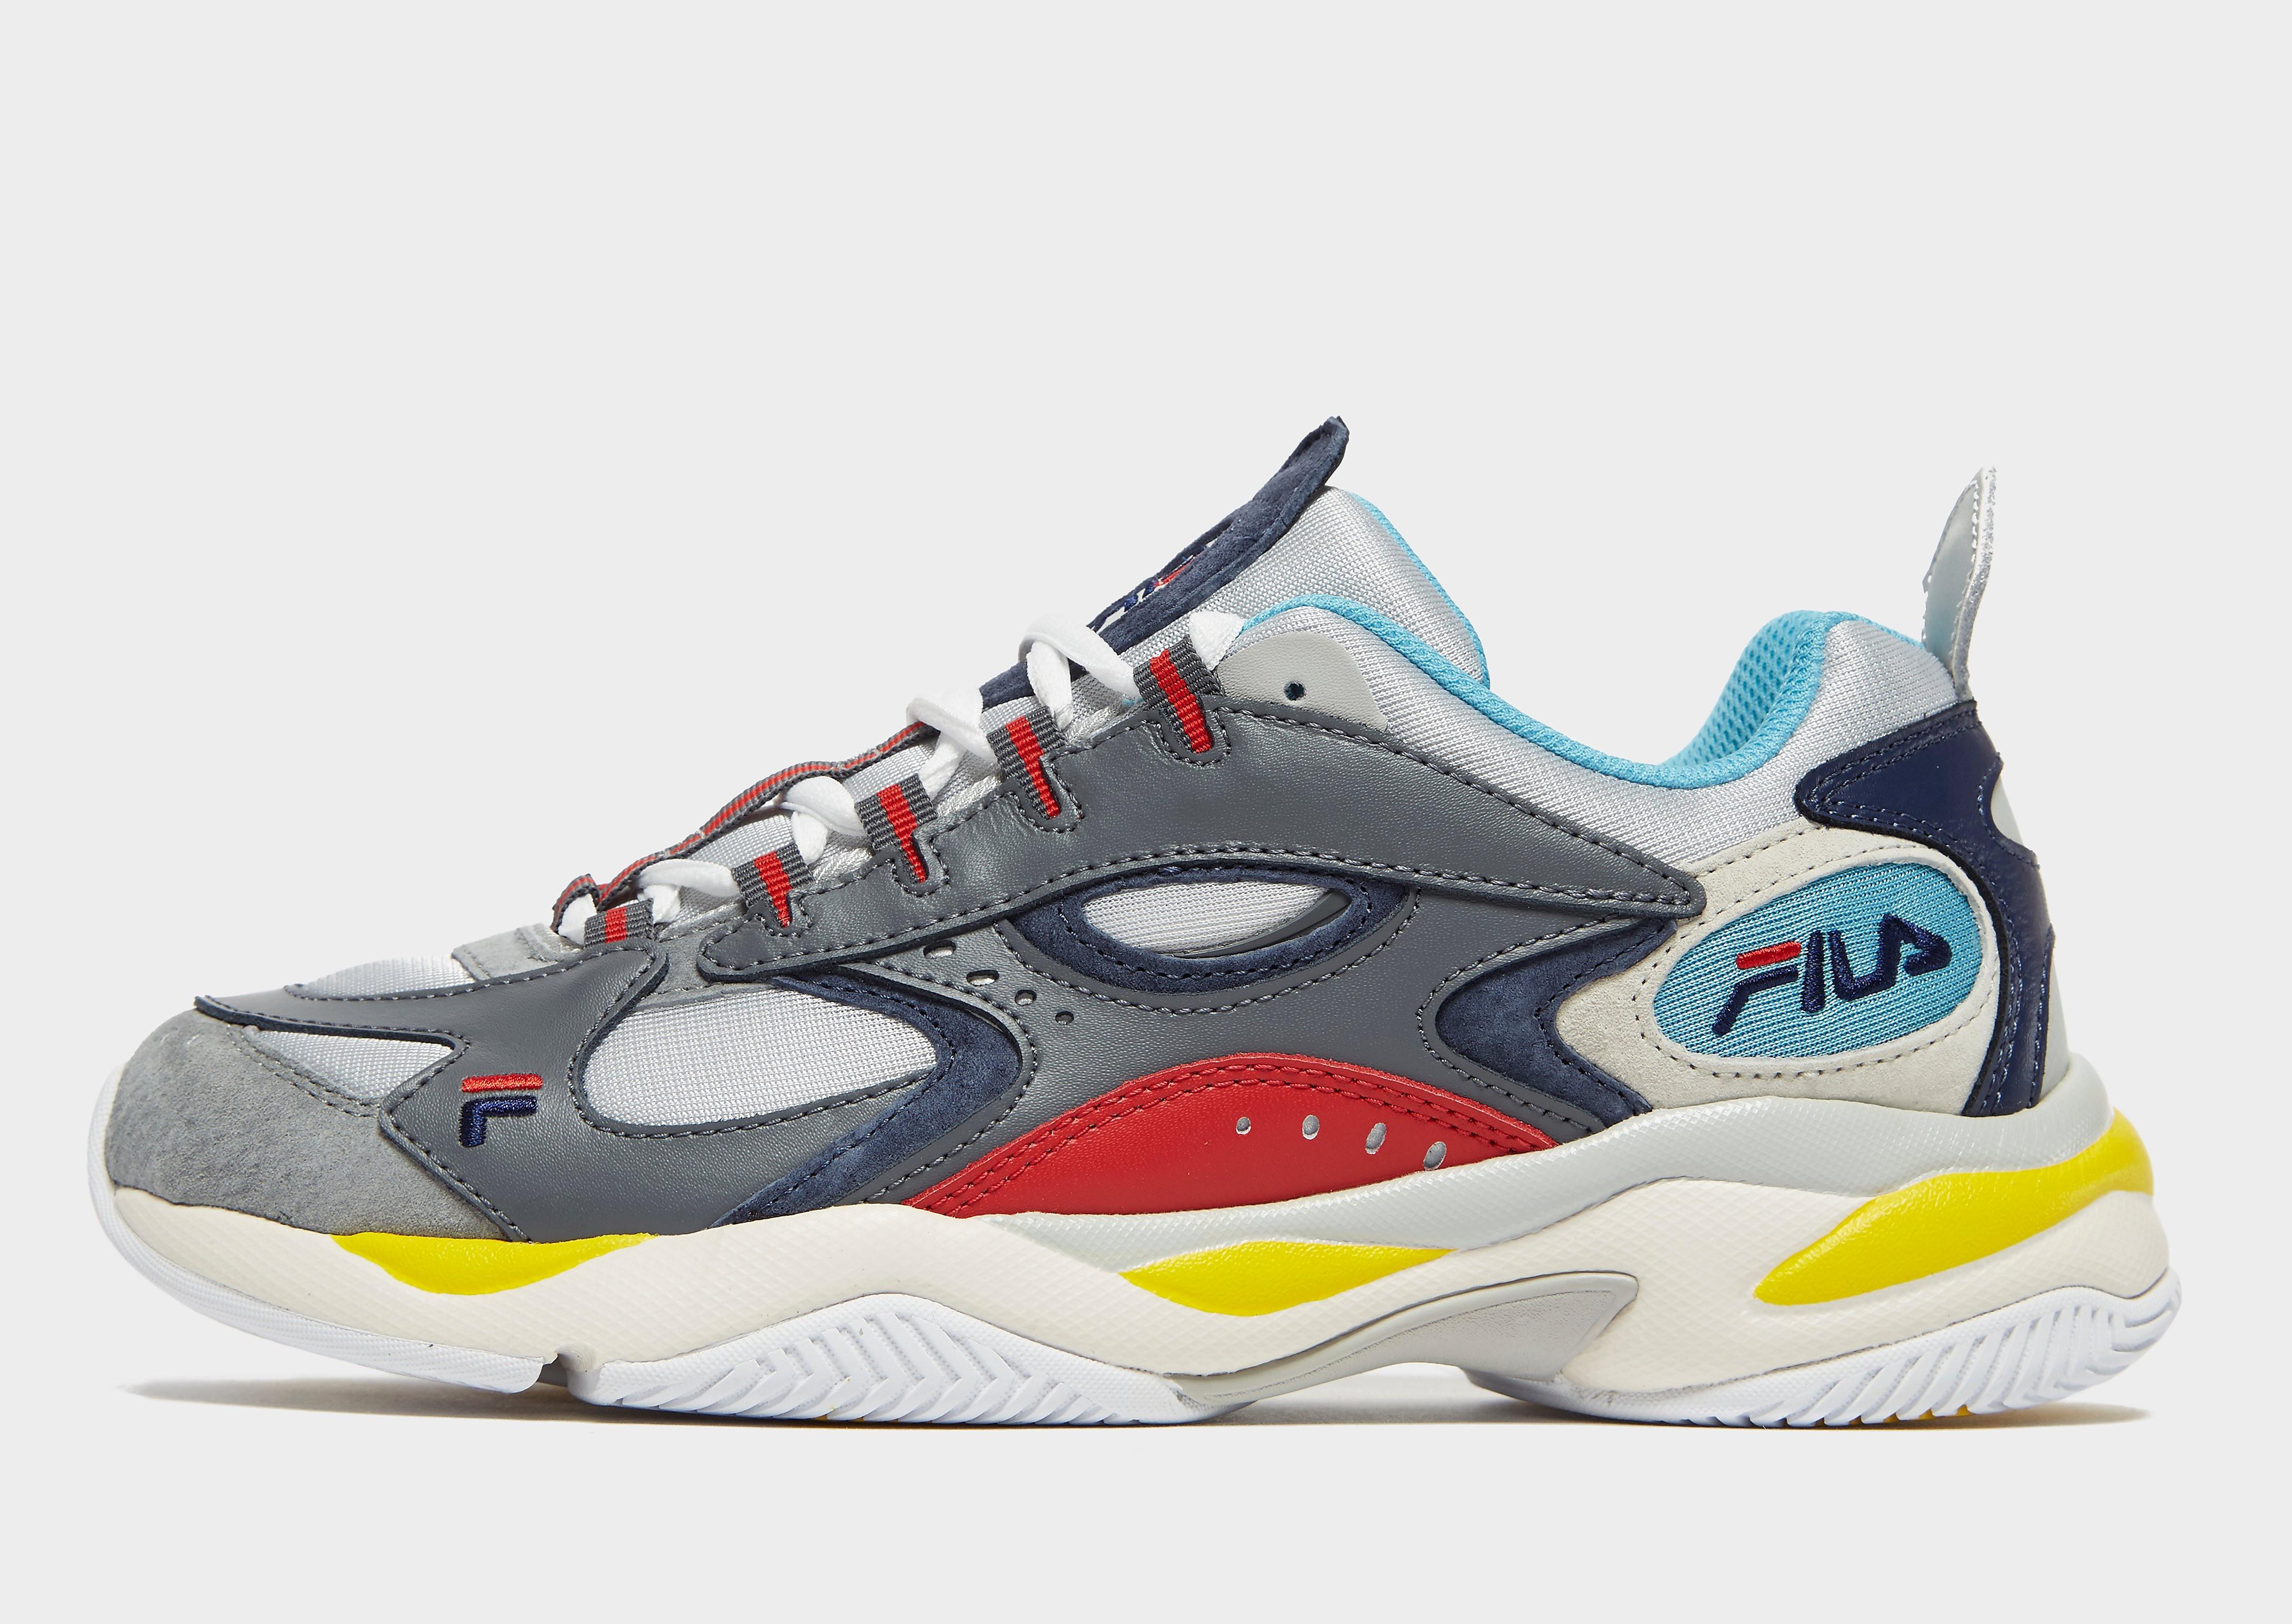 Fila herensneaker grijs, blauw, rood en geel